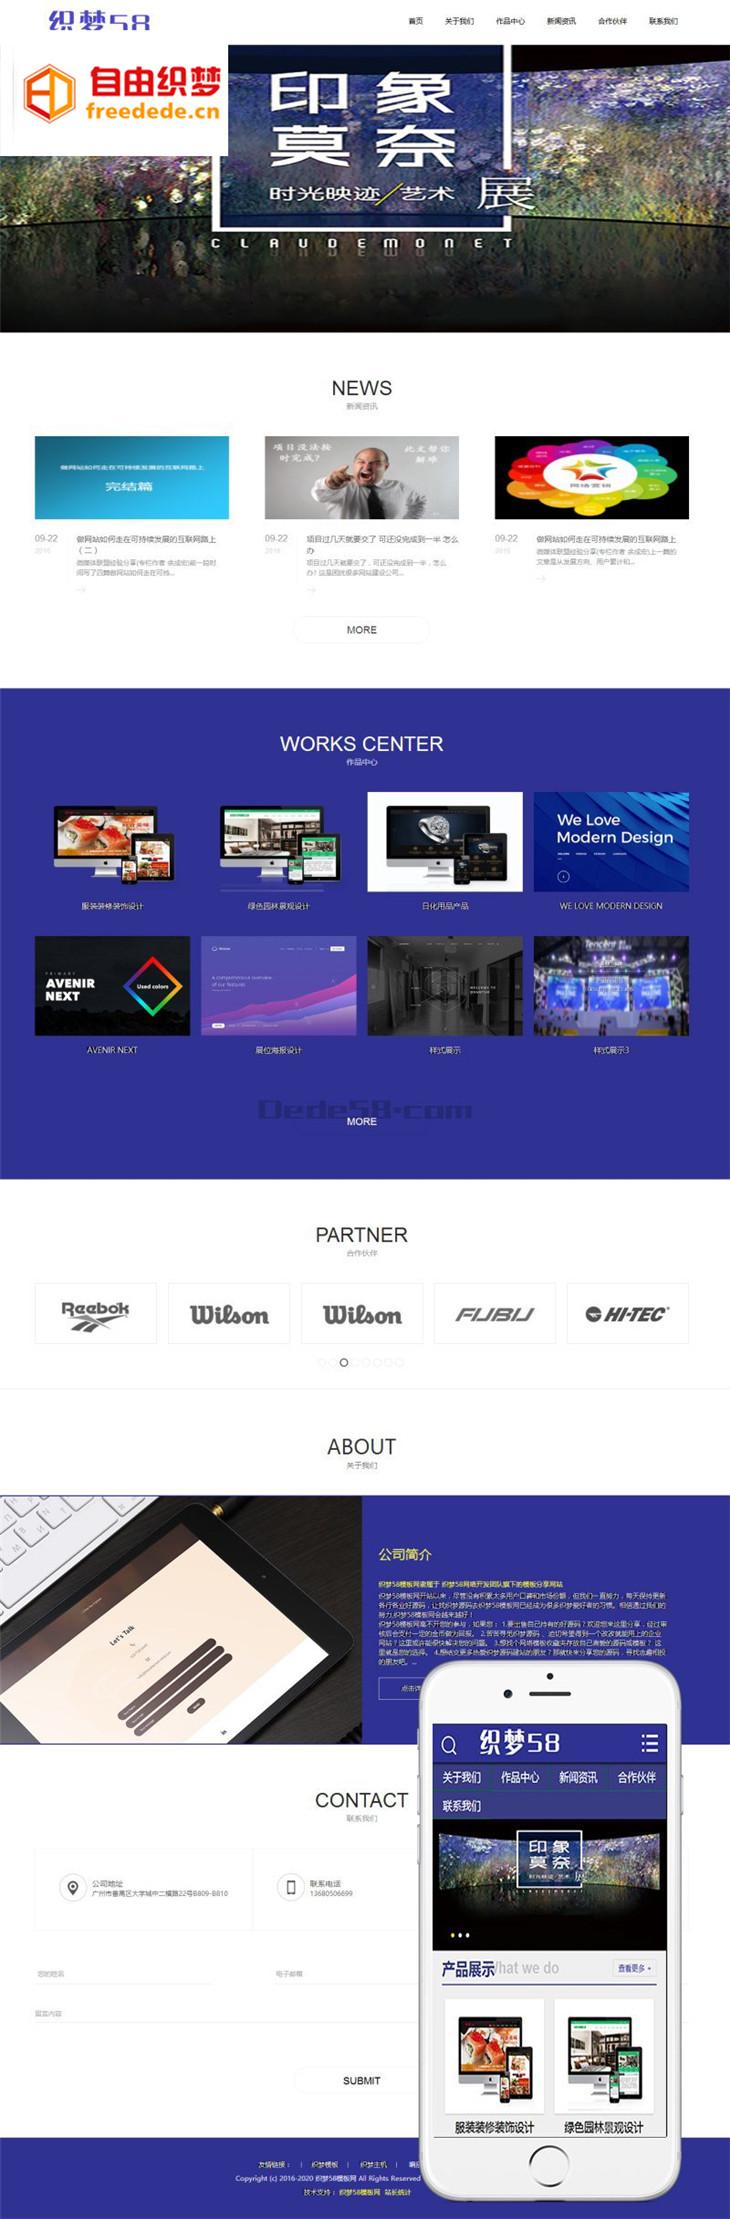 爱上源码网文章营销型高端视觉创意展位设计织梦dedecms模板(带手机端)整站源码下载的内容插图